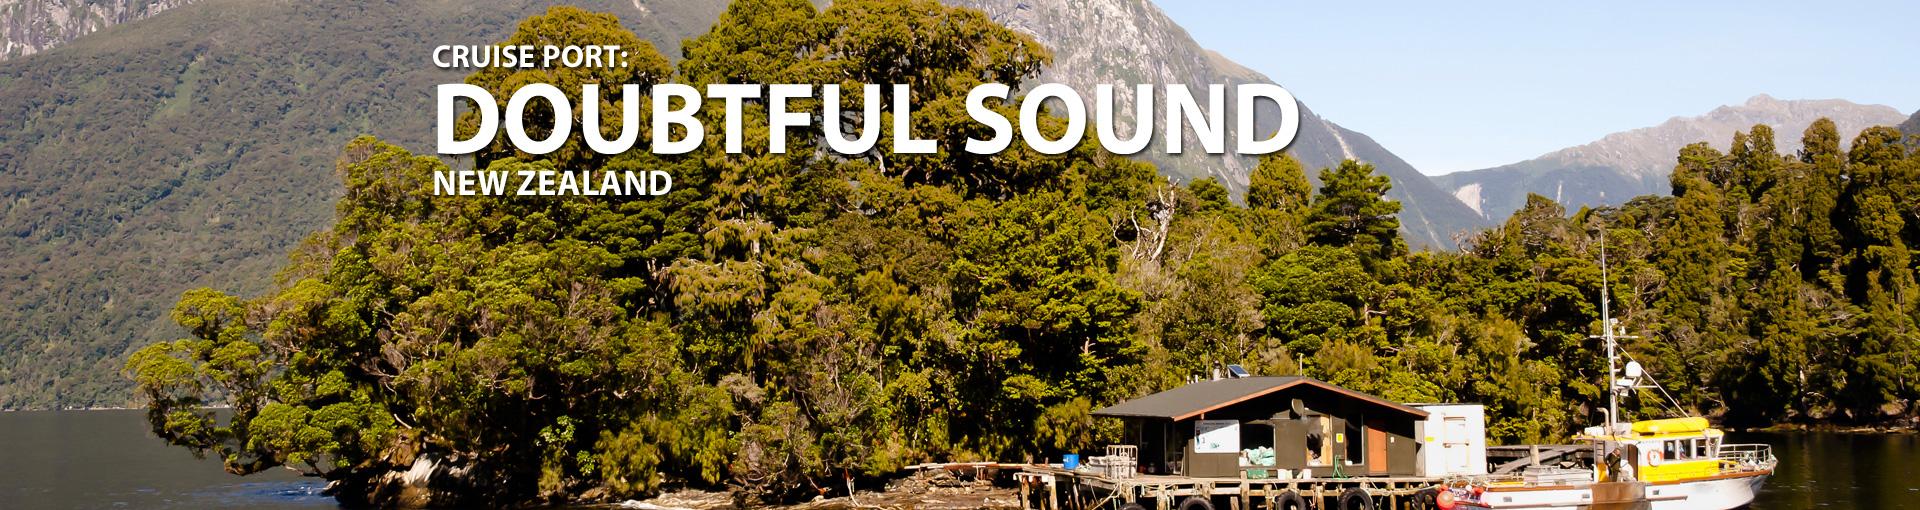 Cruises to Doubtful Sound, New Zealand